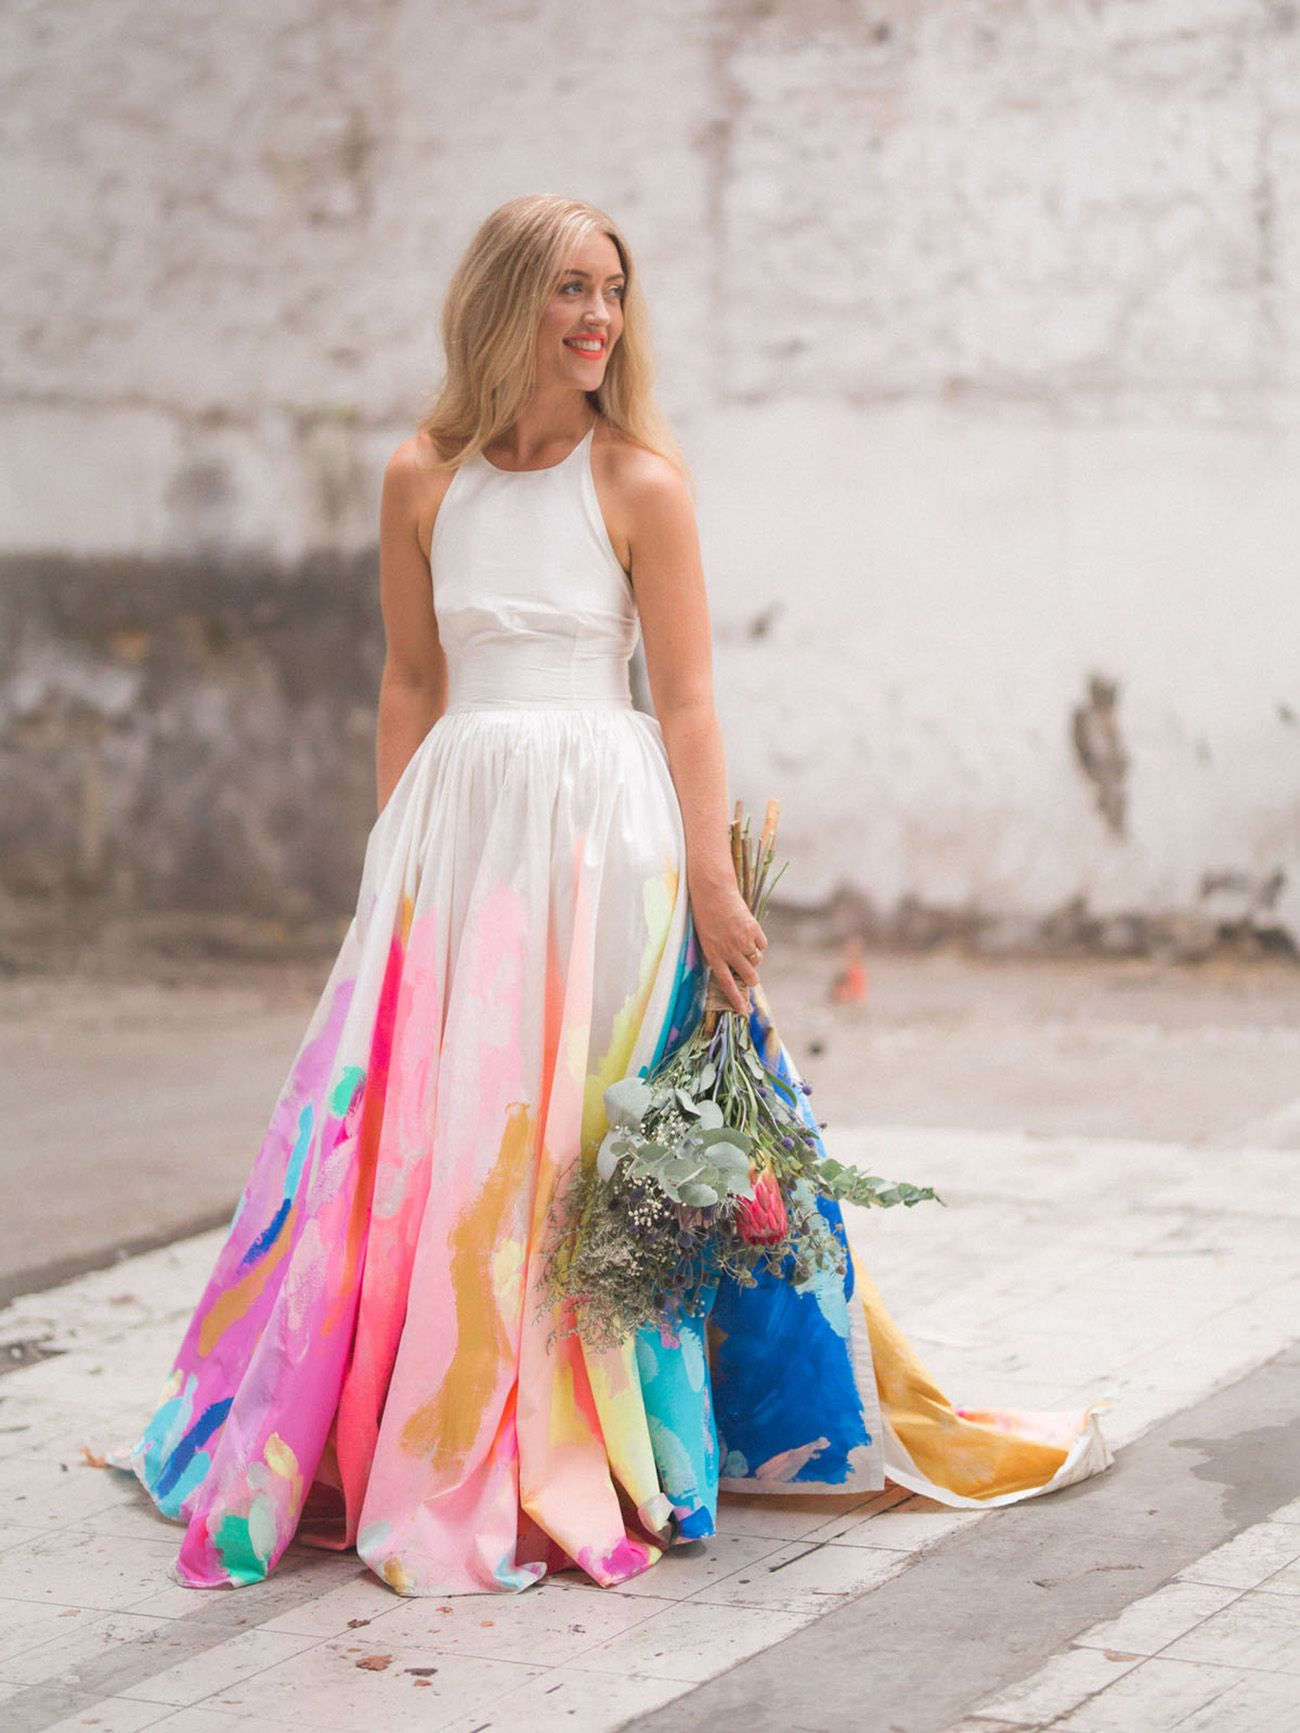 Pin von hochzeitstil auf Brautkleider Modelle | Pinterest | Ehe ...